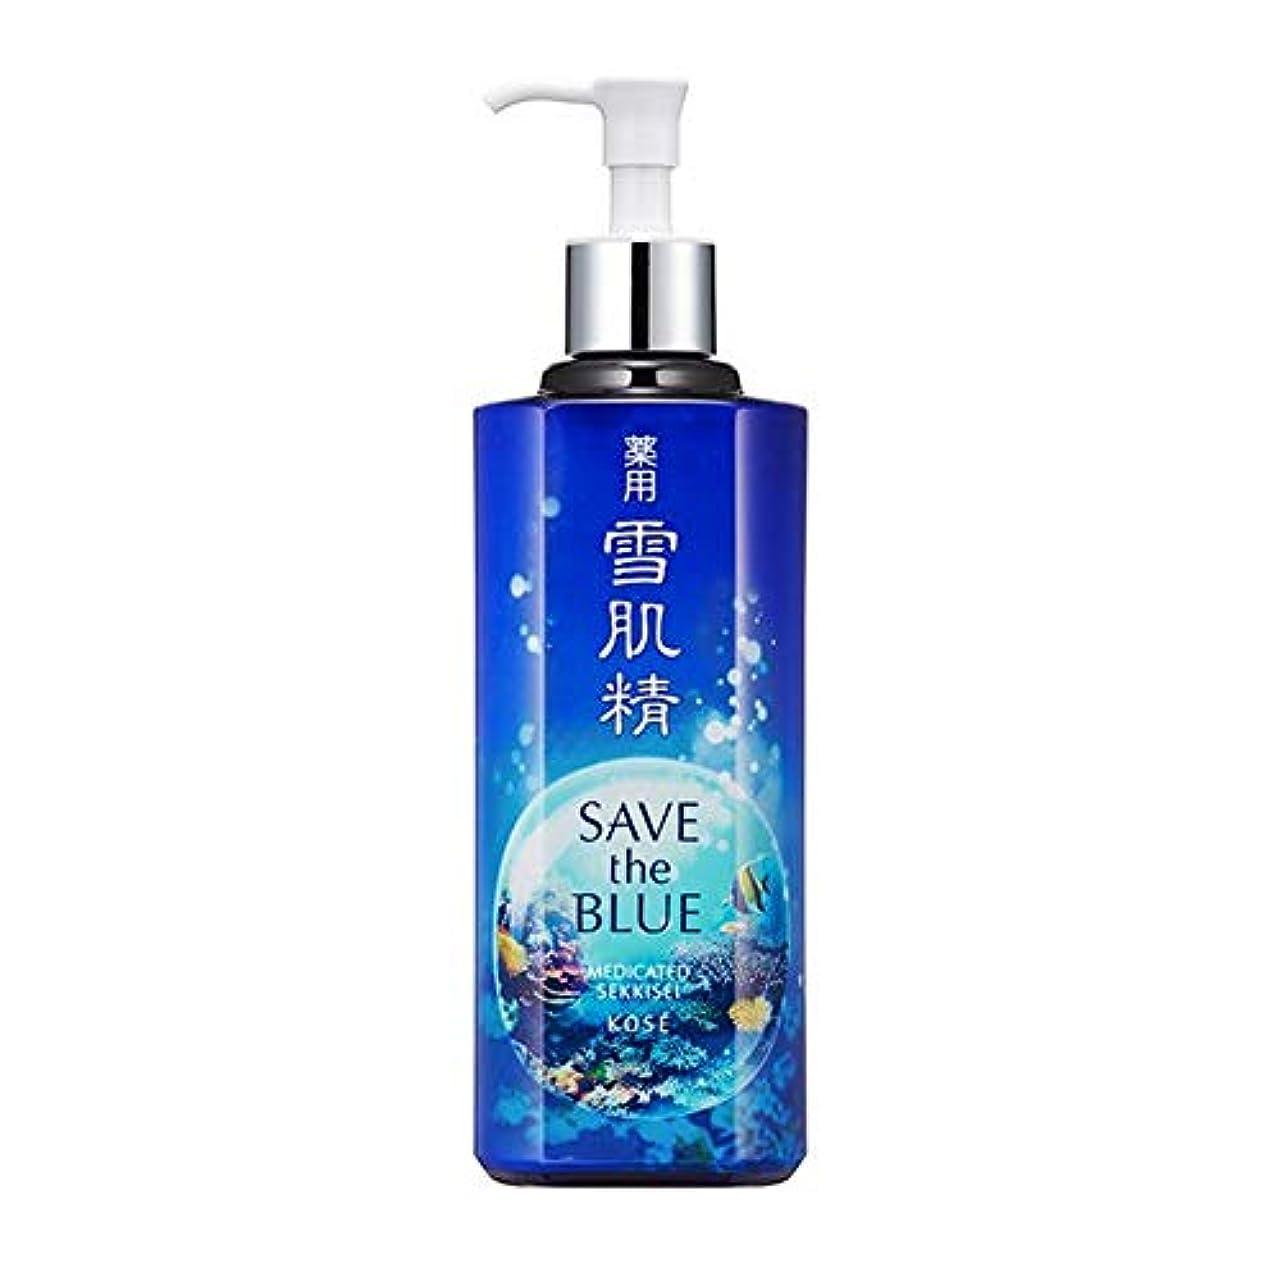 知り合い気取らない礼拝コーセー 雪肌精 「SAVE the BLUE」デザインボトル(みずみずしいタイプ) 500ml【2019限定】